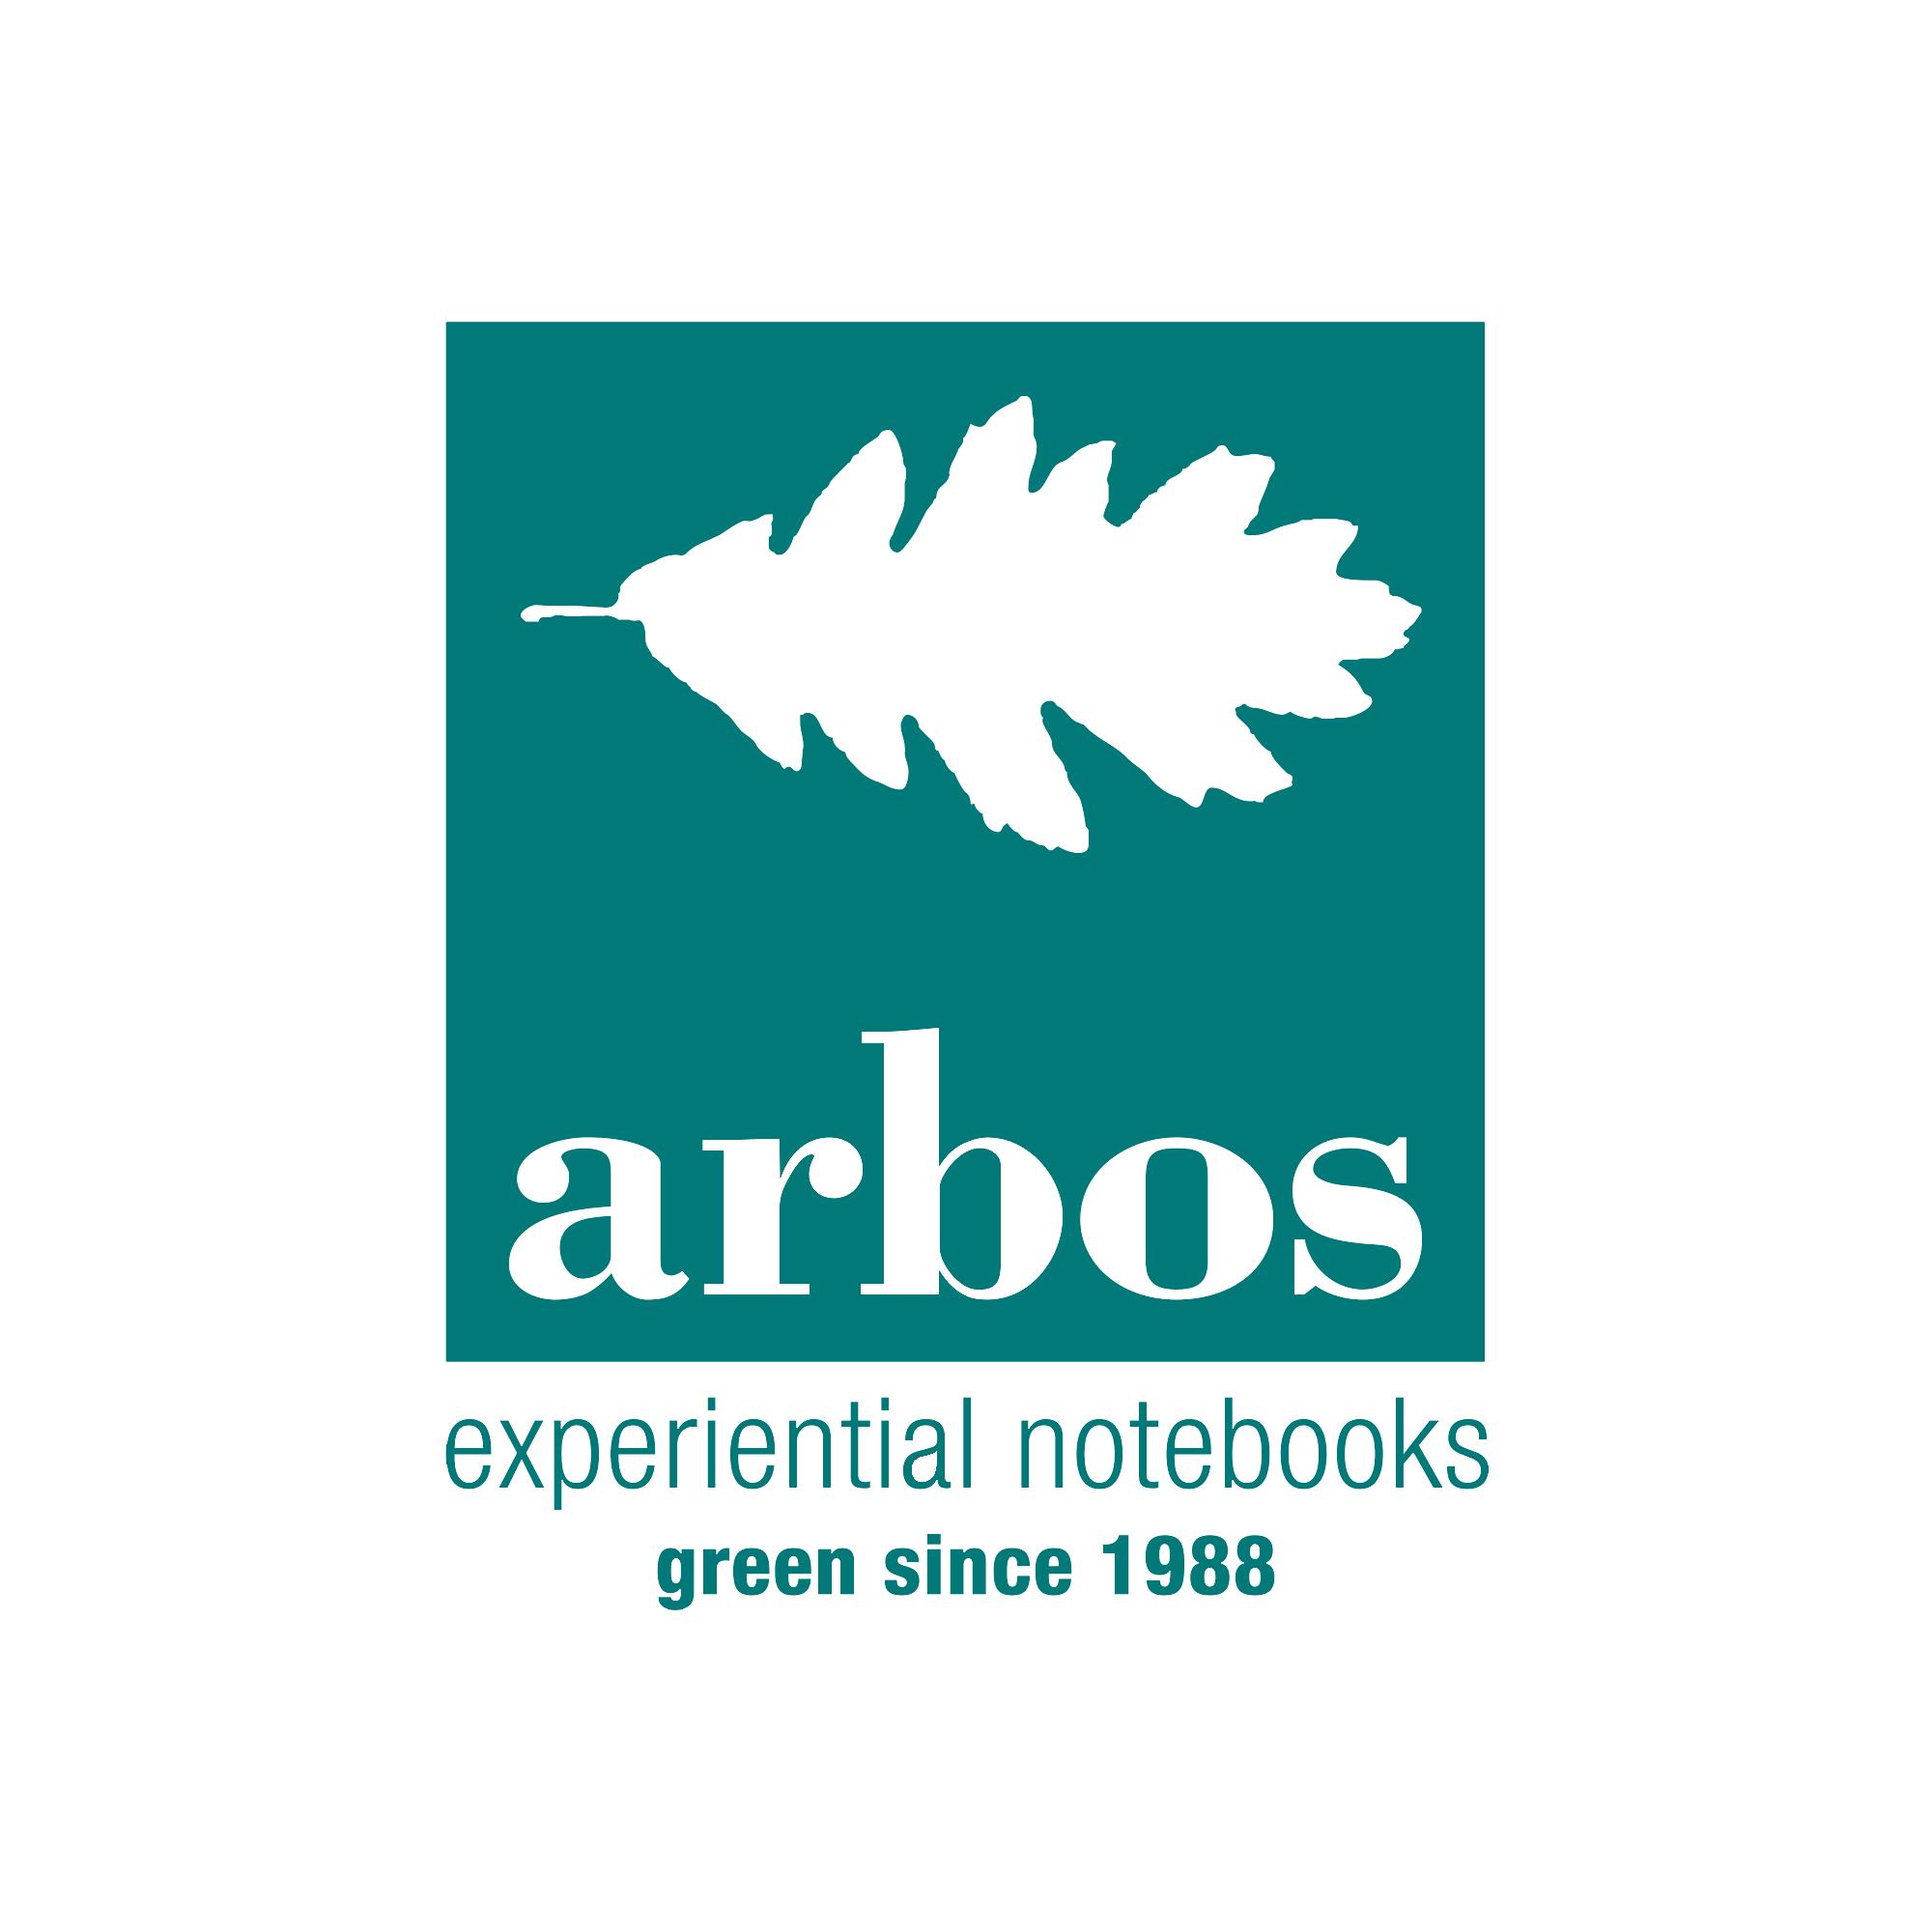 arbos-paper-craftsmen-solagna-vicenza-profile